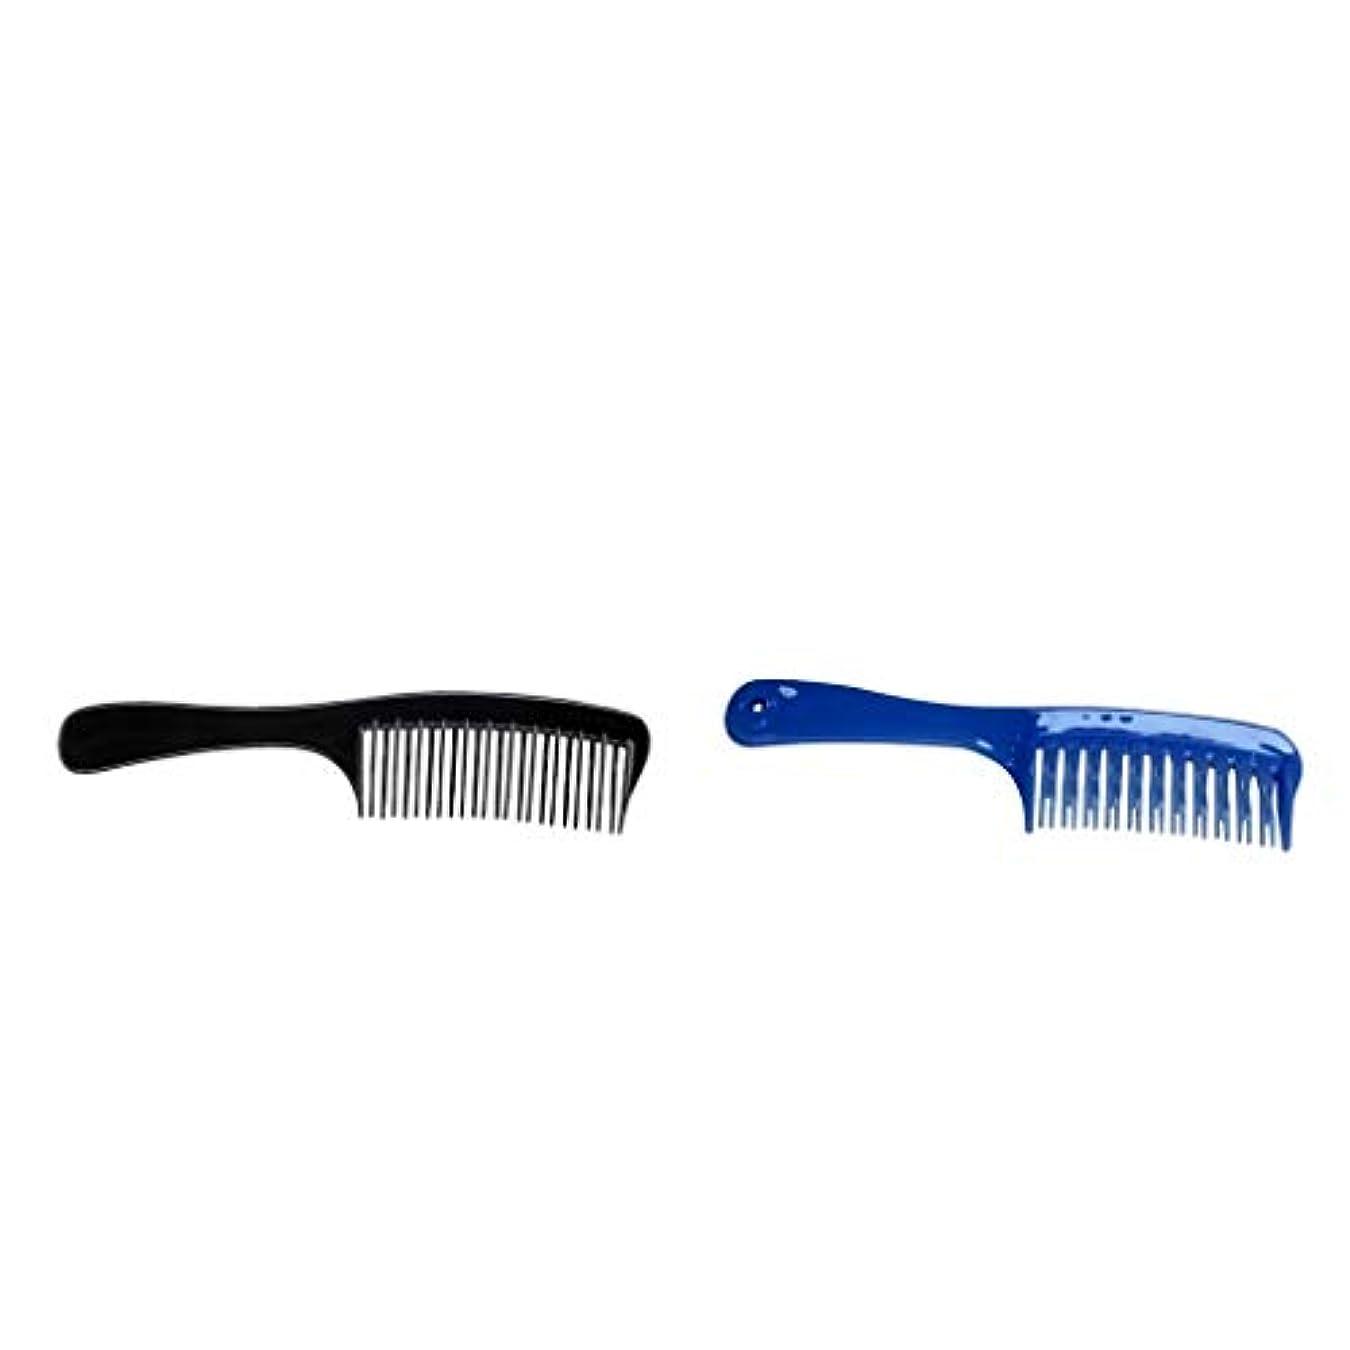 保守可能ビジュアル苦いくし コーム 櫛 オックスホーンくし 頭皮マッサージ櫛 プラスチック 細かい歯 血行促進 静電気防止